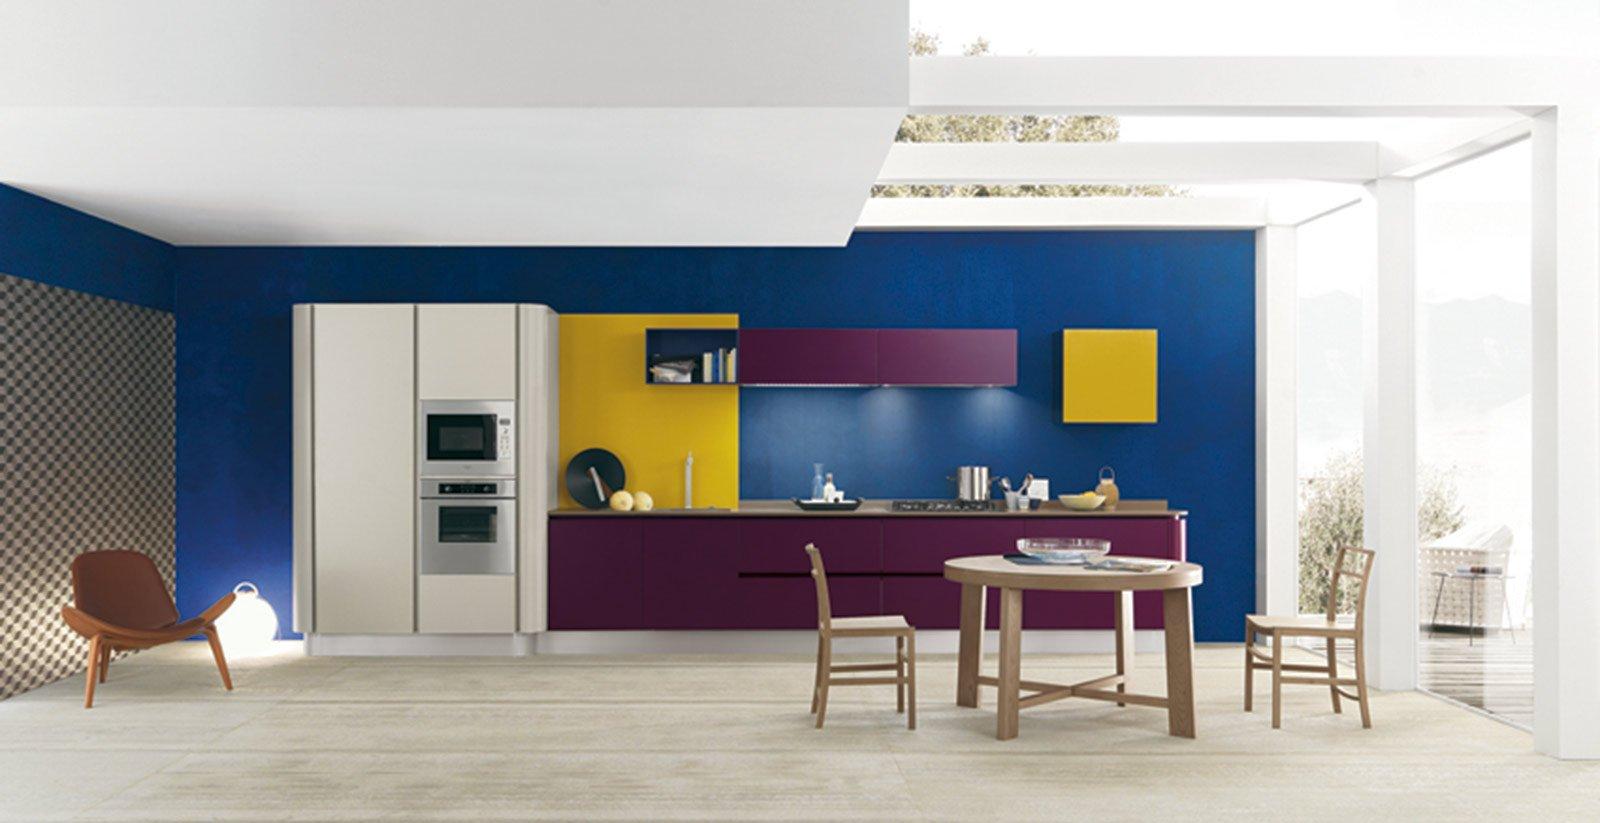 Emejing Comprare Una Cucina Gallery - bakeroffroad.us ...